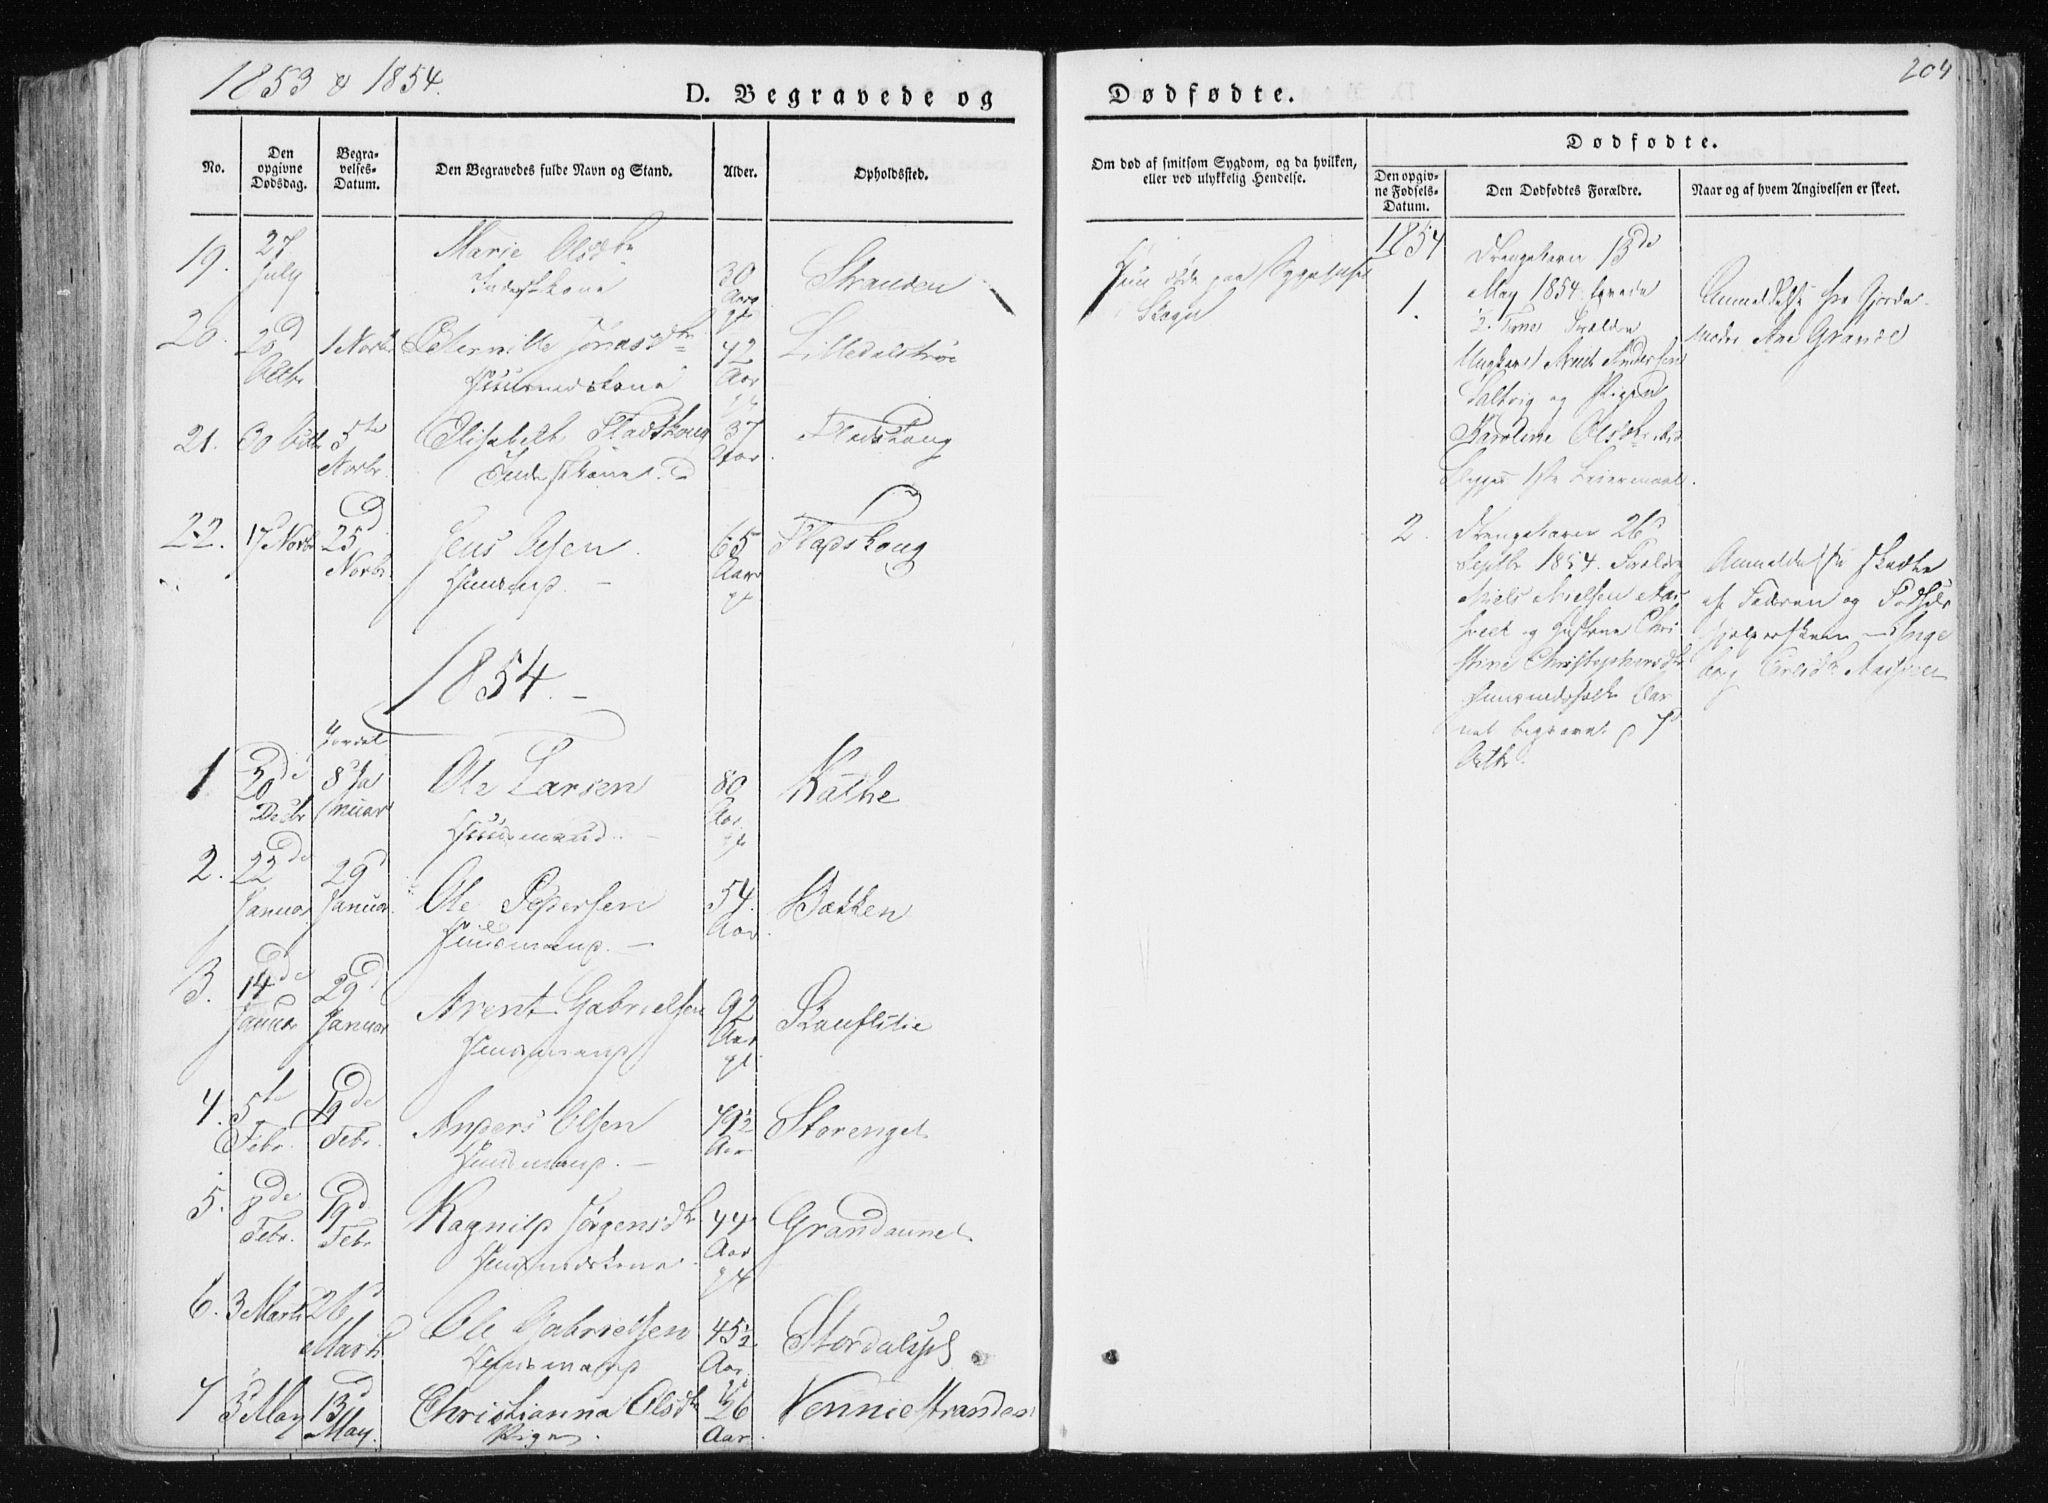 SAT, Ministerialprotokoller, klokkerbøker og fødselsregistre - Nord-Trøndelag, 733/L0323: Ministerialbok nr. 733A02, 1843-1870, s. 204